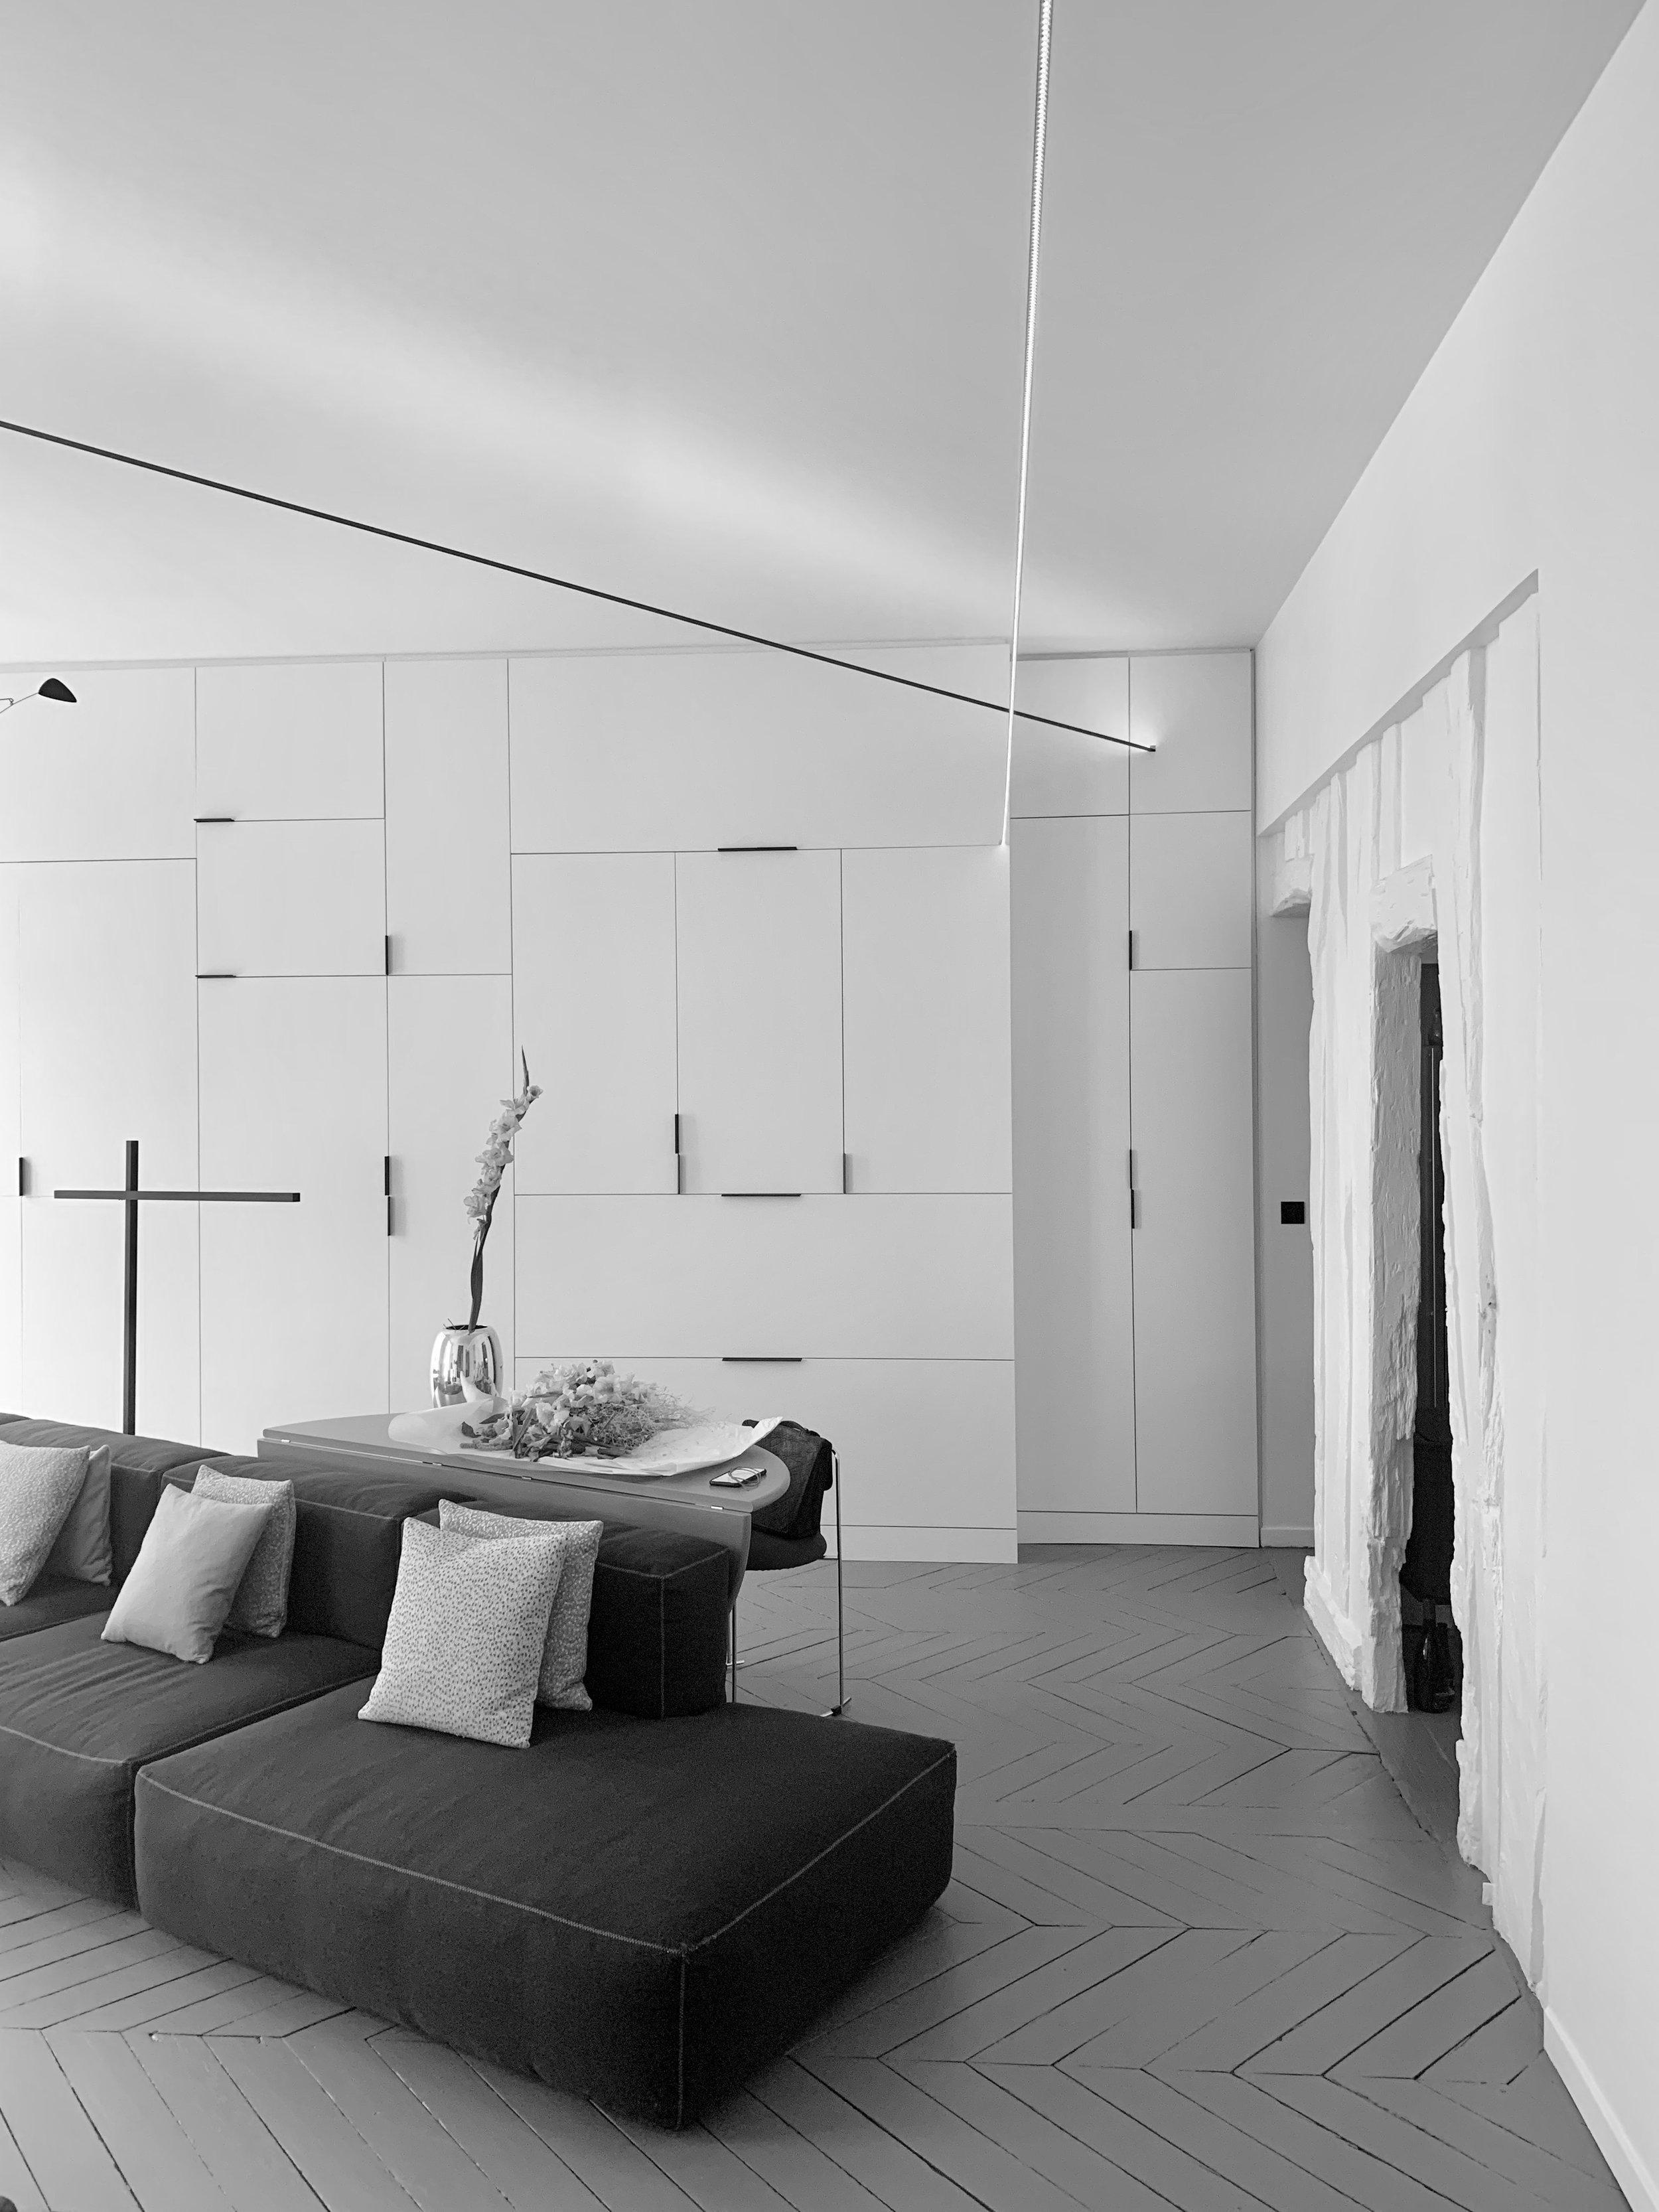 BOIELDIEU - Aménagement d'un salon privé30m2 | 75002 | Livré en juillet 2018